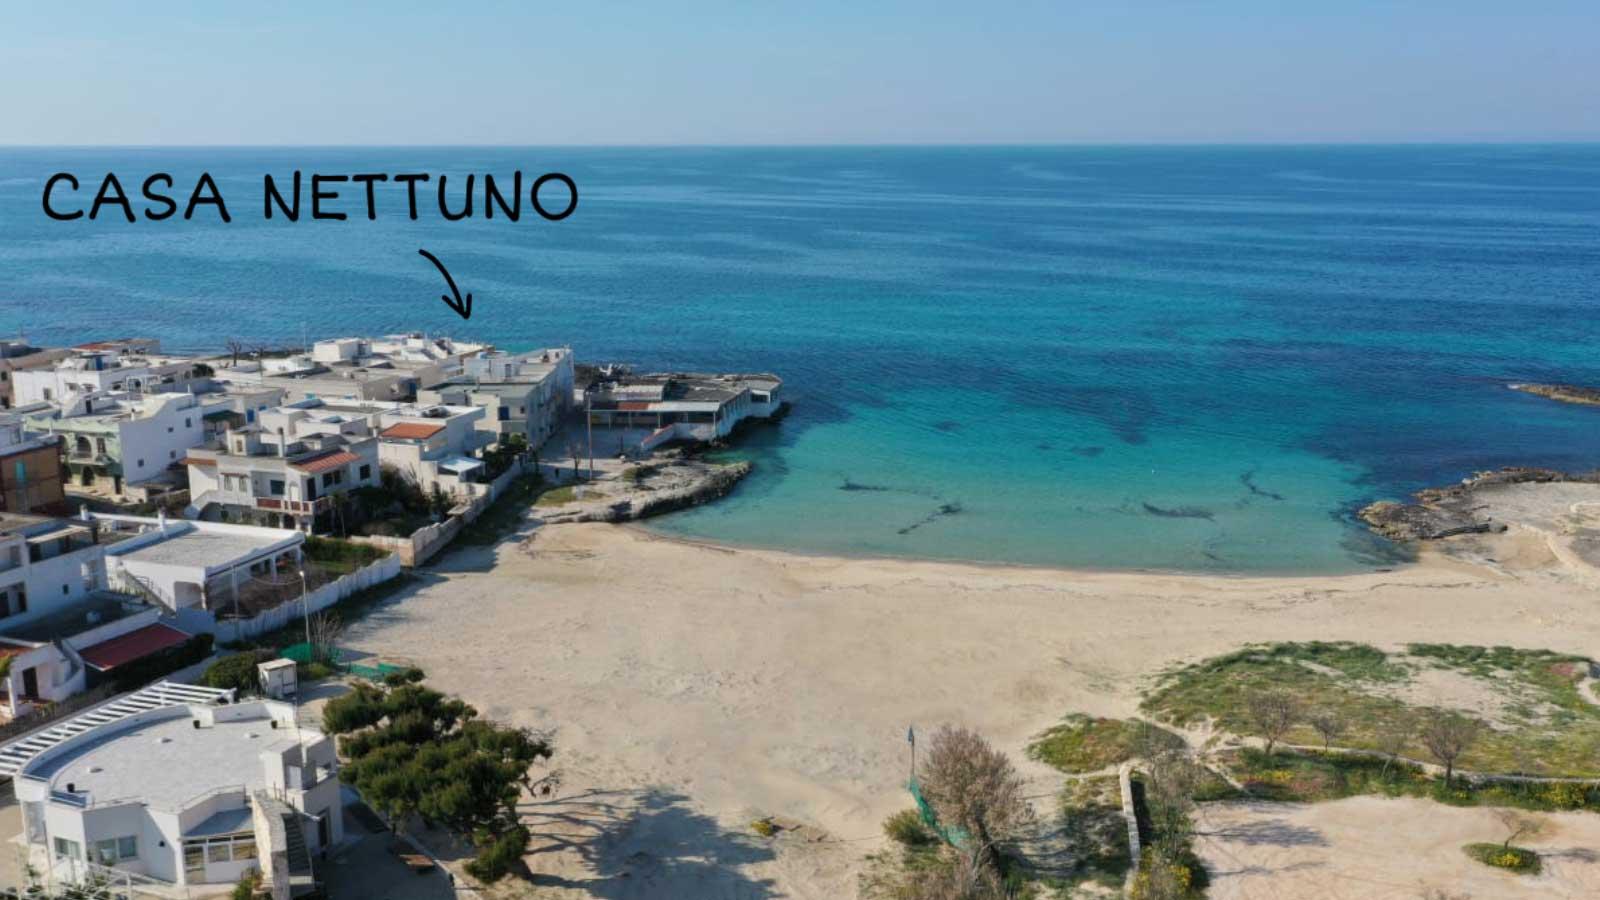 vacanze ostuni casa nettuno spiaggia drone